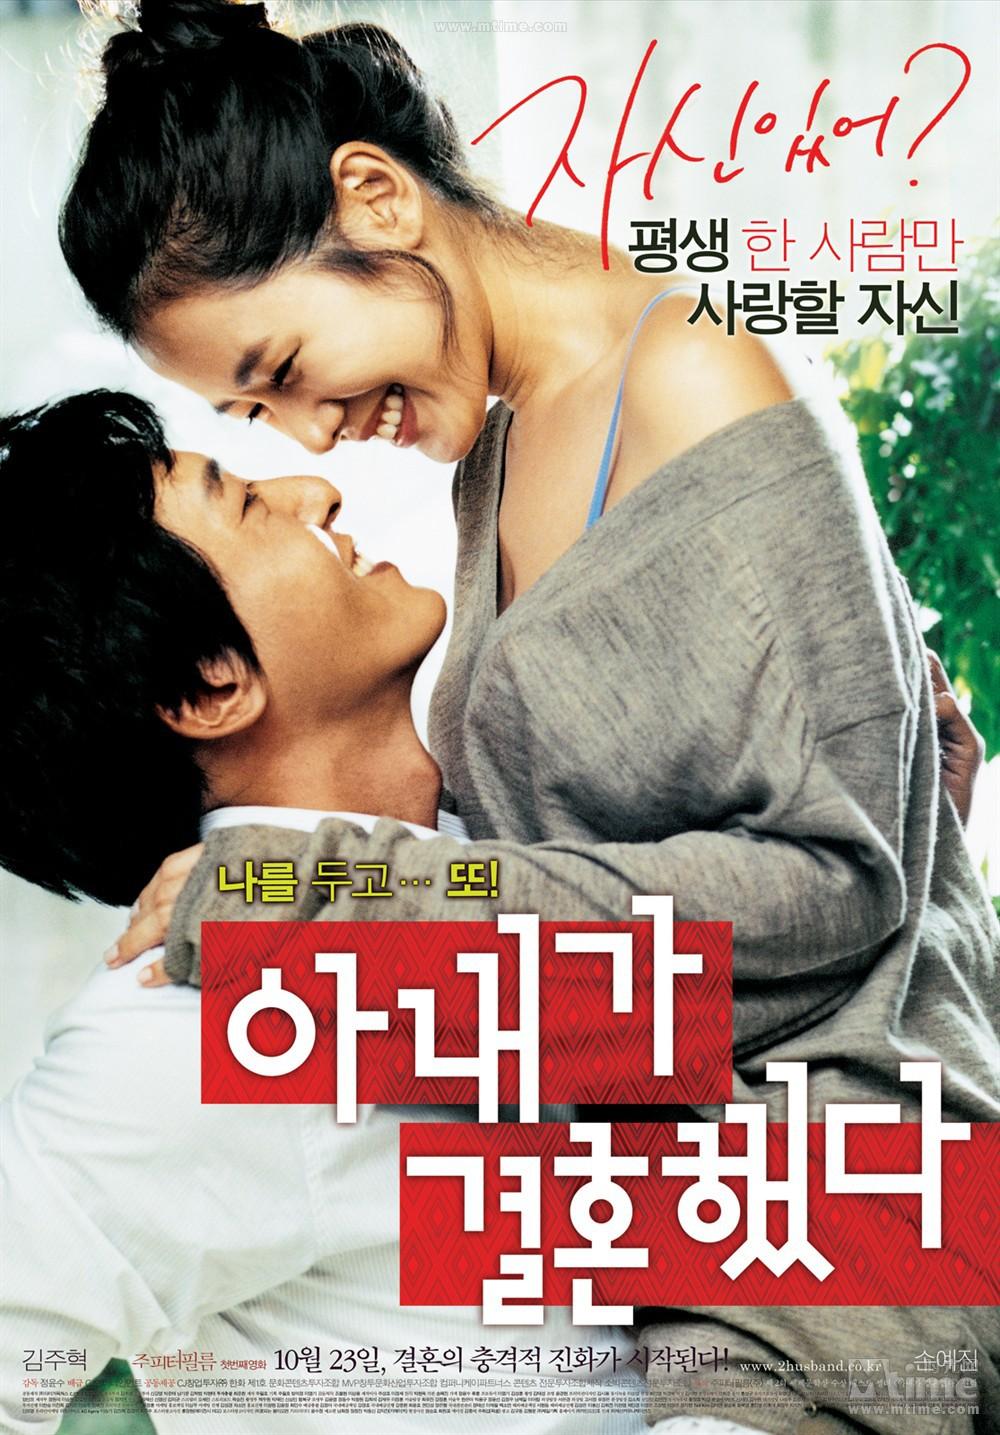 10 tài tử cực phẩm của cực phẩm từng yêu say đắm chị đẹp Son Ye Jin - Ảnh 8.